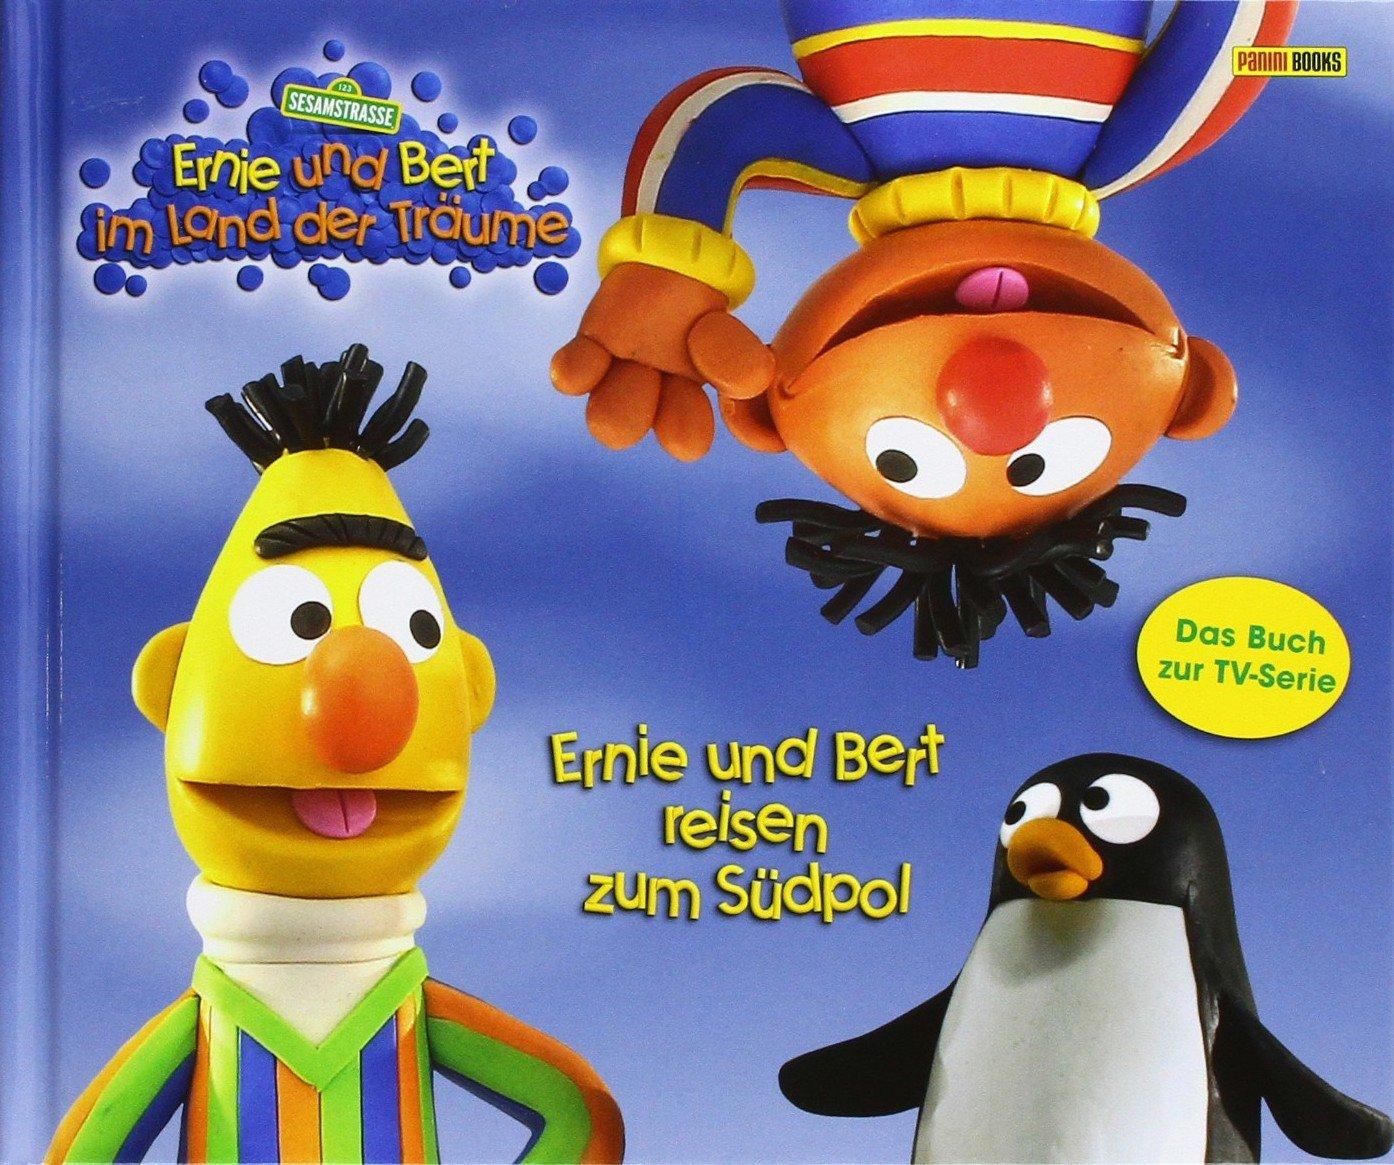 Sesamstraße Geschichtenbuch, Ernie und Bert im Land der Träume, Bd. 1: Ernie und Bert reisen zum Südpol